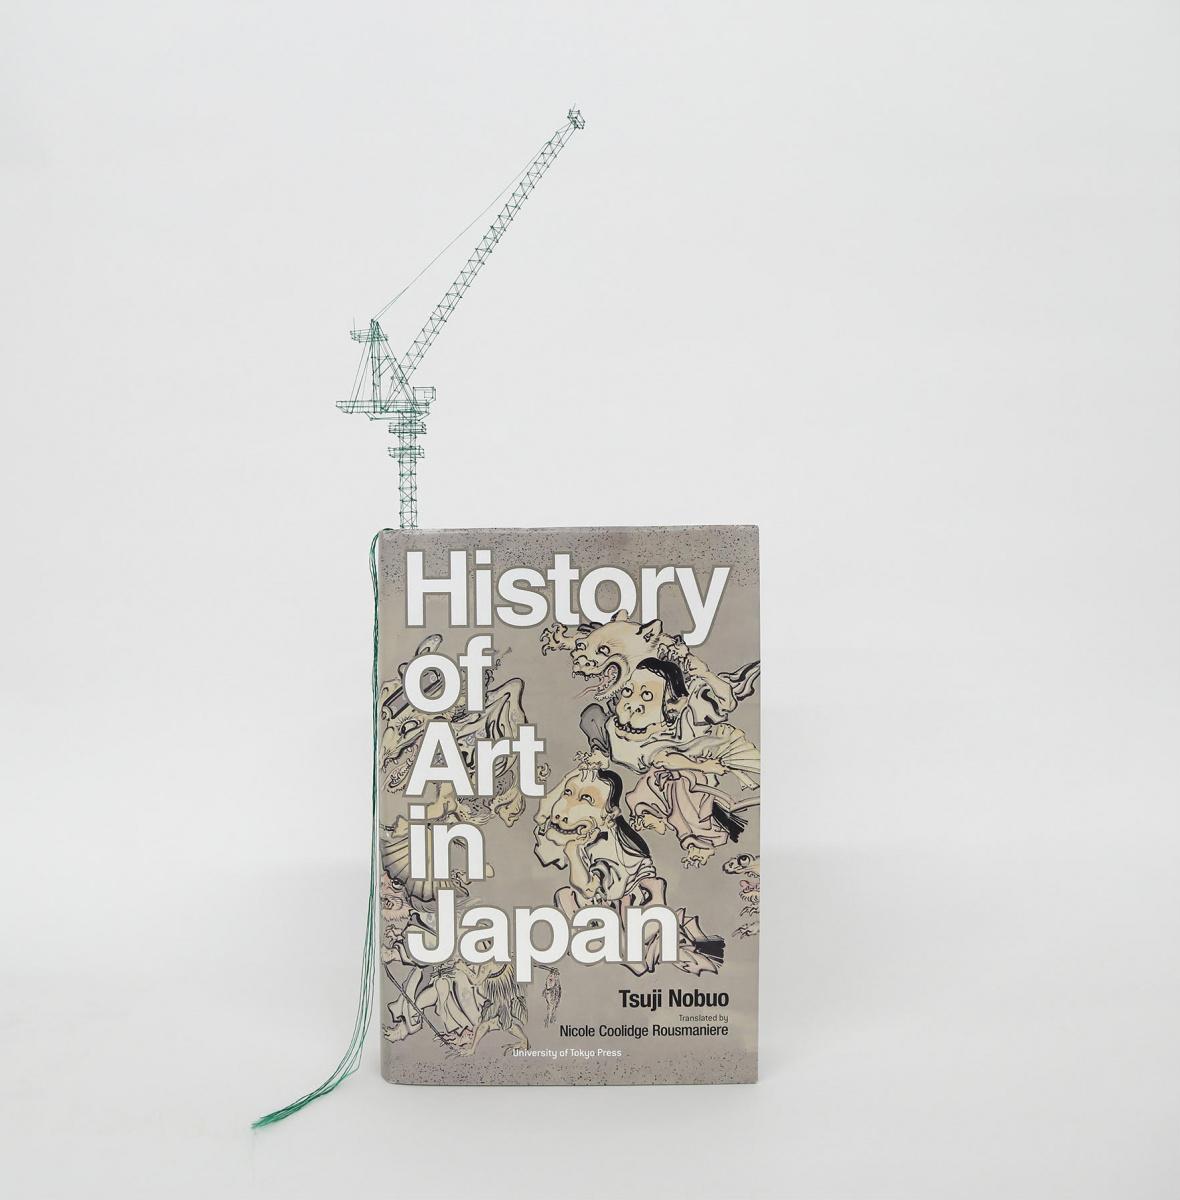 ヴェネツィア・ビエンナーレ日本館でアートファンを魅了した岩崎貴宏が、銀座 蔦屋書店で新作の並ぶ個展を開催。